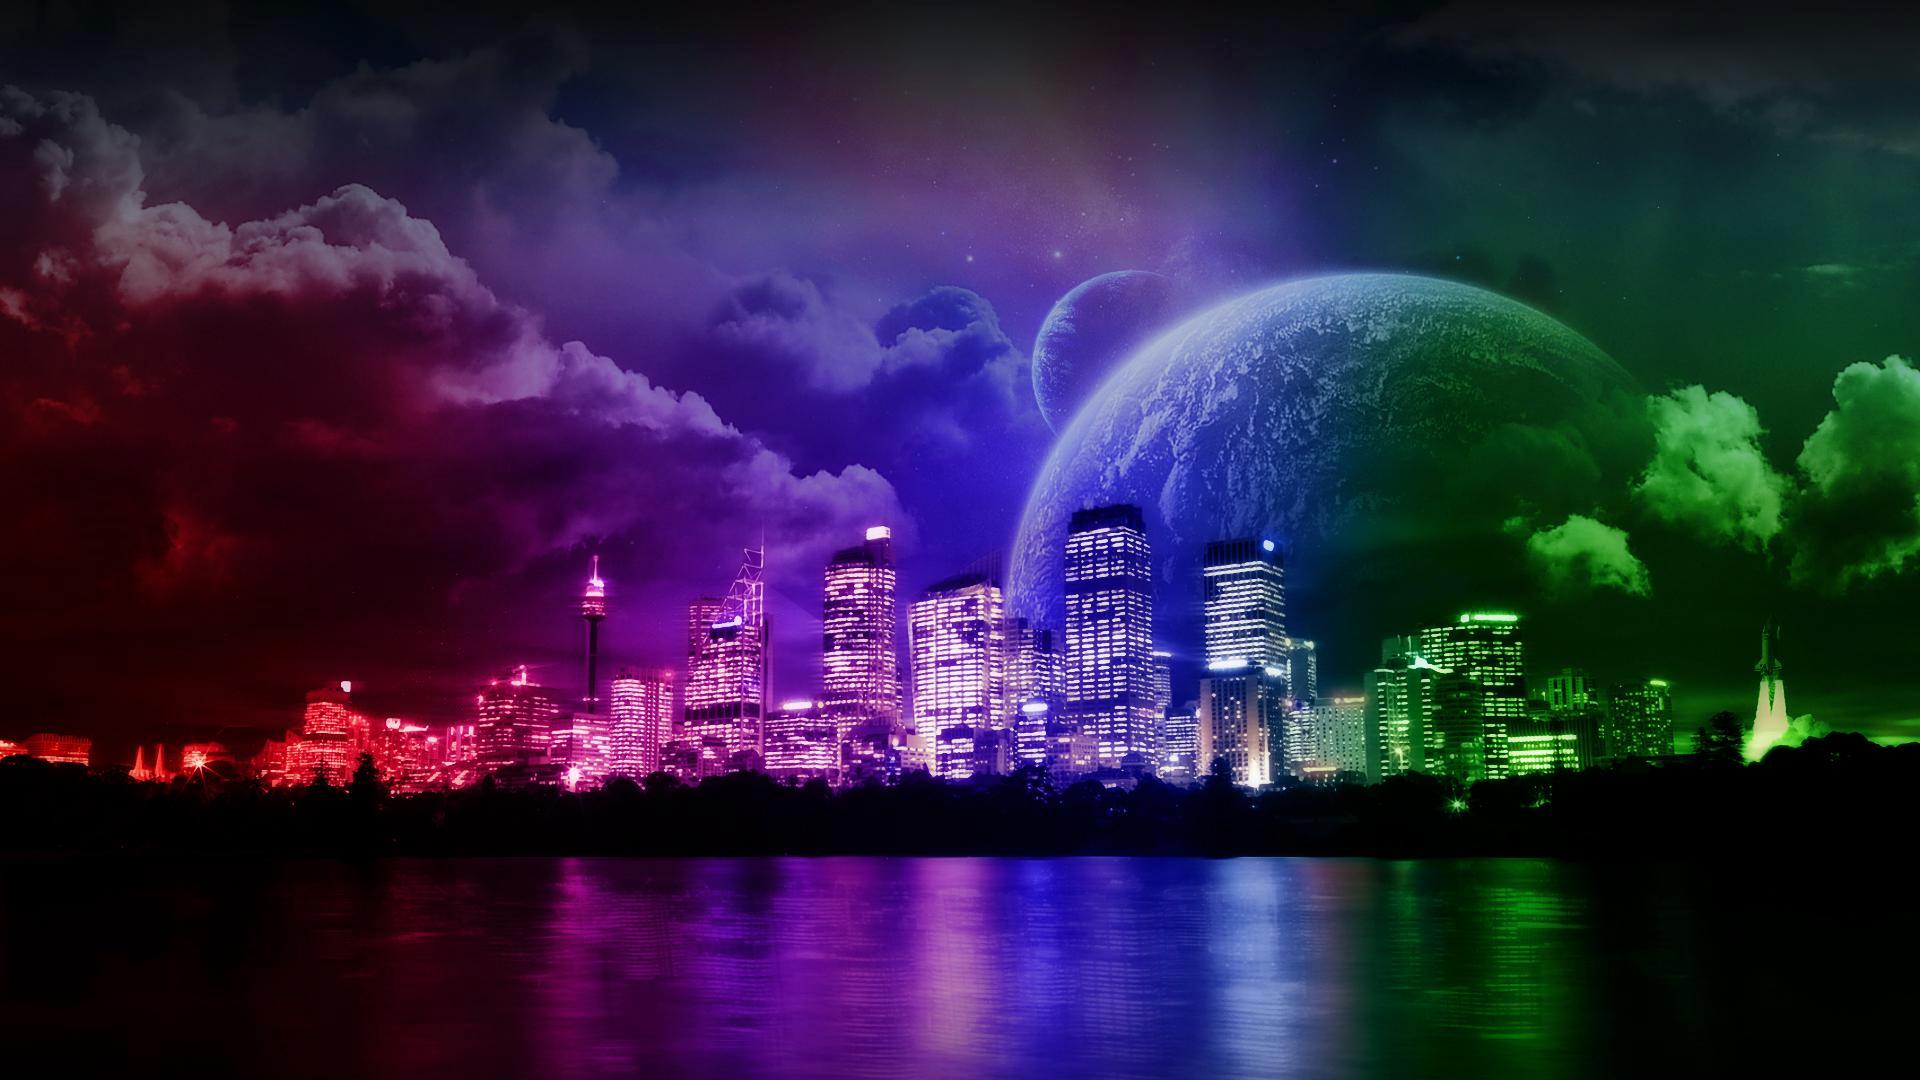 D-city-night-fantasy-wallpaper-wp400889-1